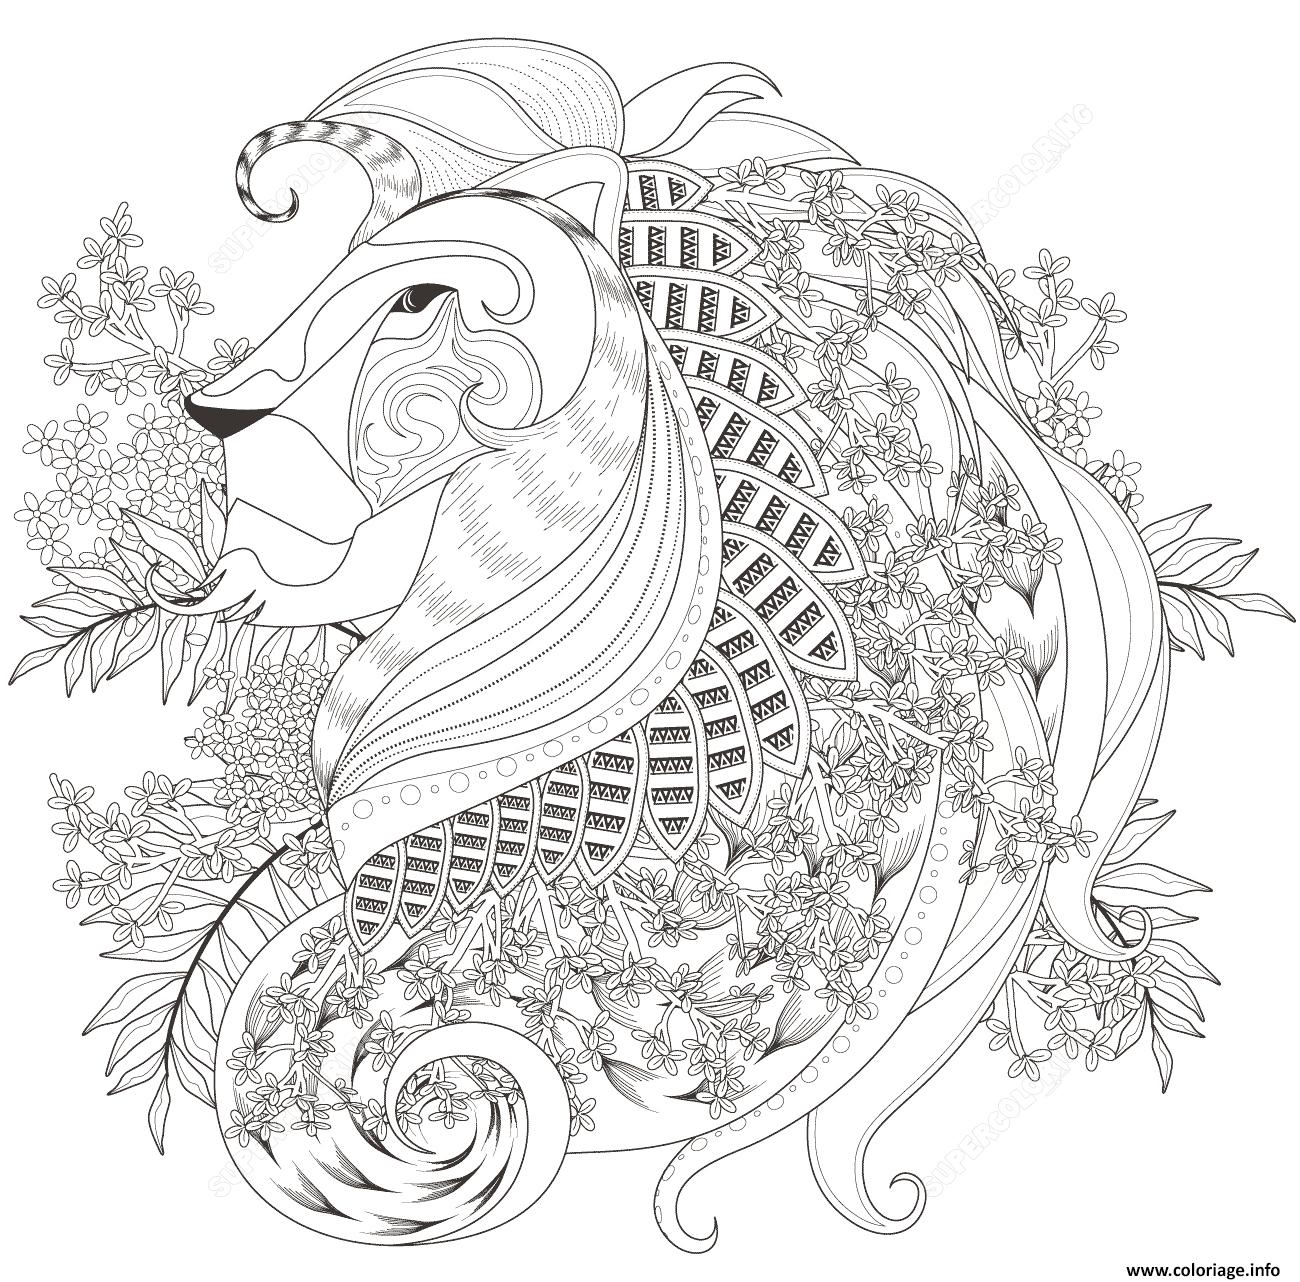 Dessin zentagle lion with floral elements adulte Coloriage Gratuit à Imprimer